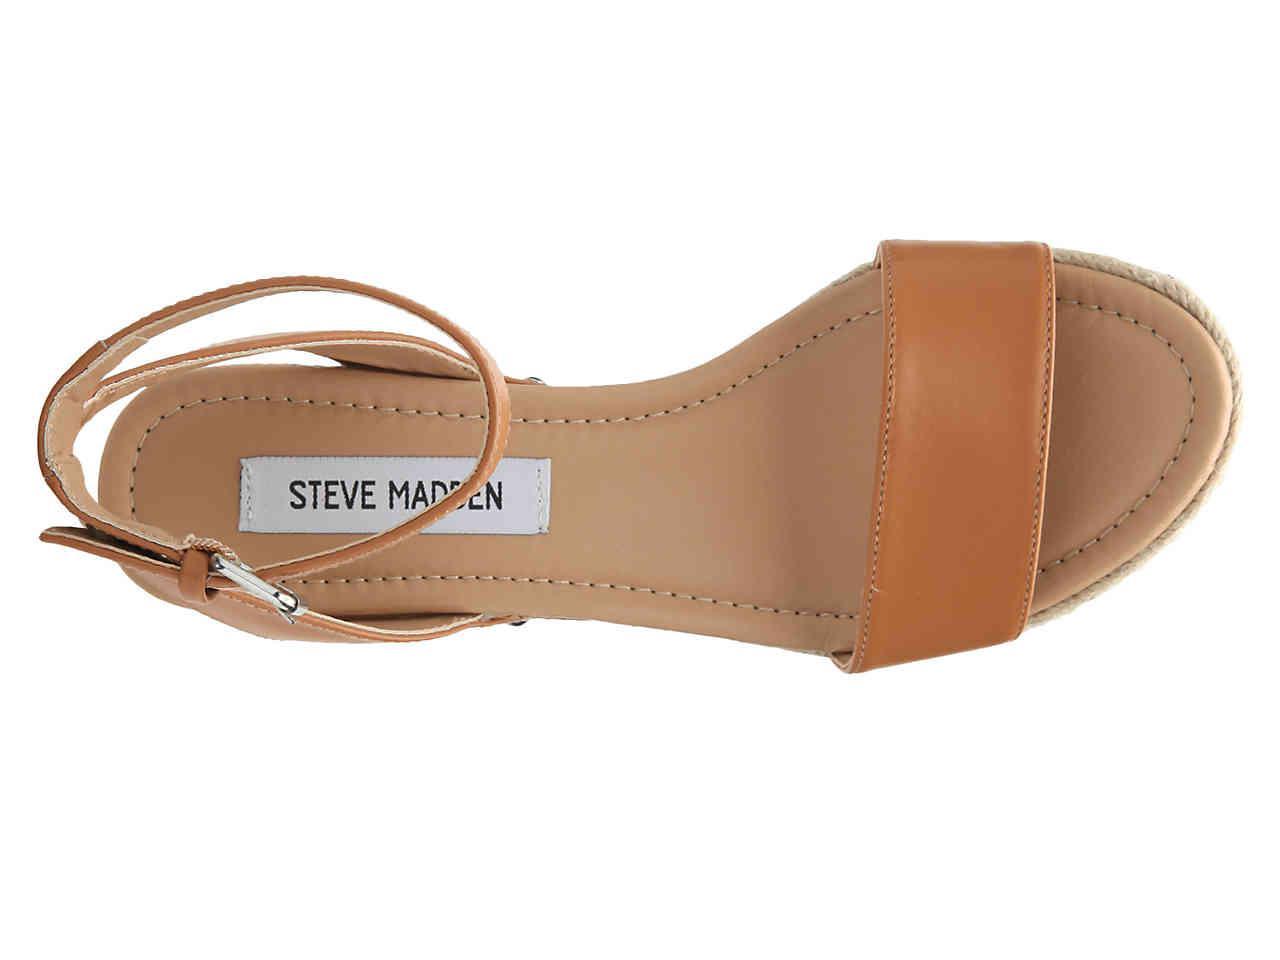 17c9ee3235b1 Lyst - Steve Madden Jaide Espadrille Wedge Sandal in Brown